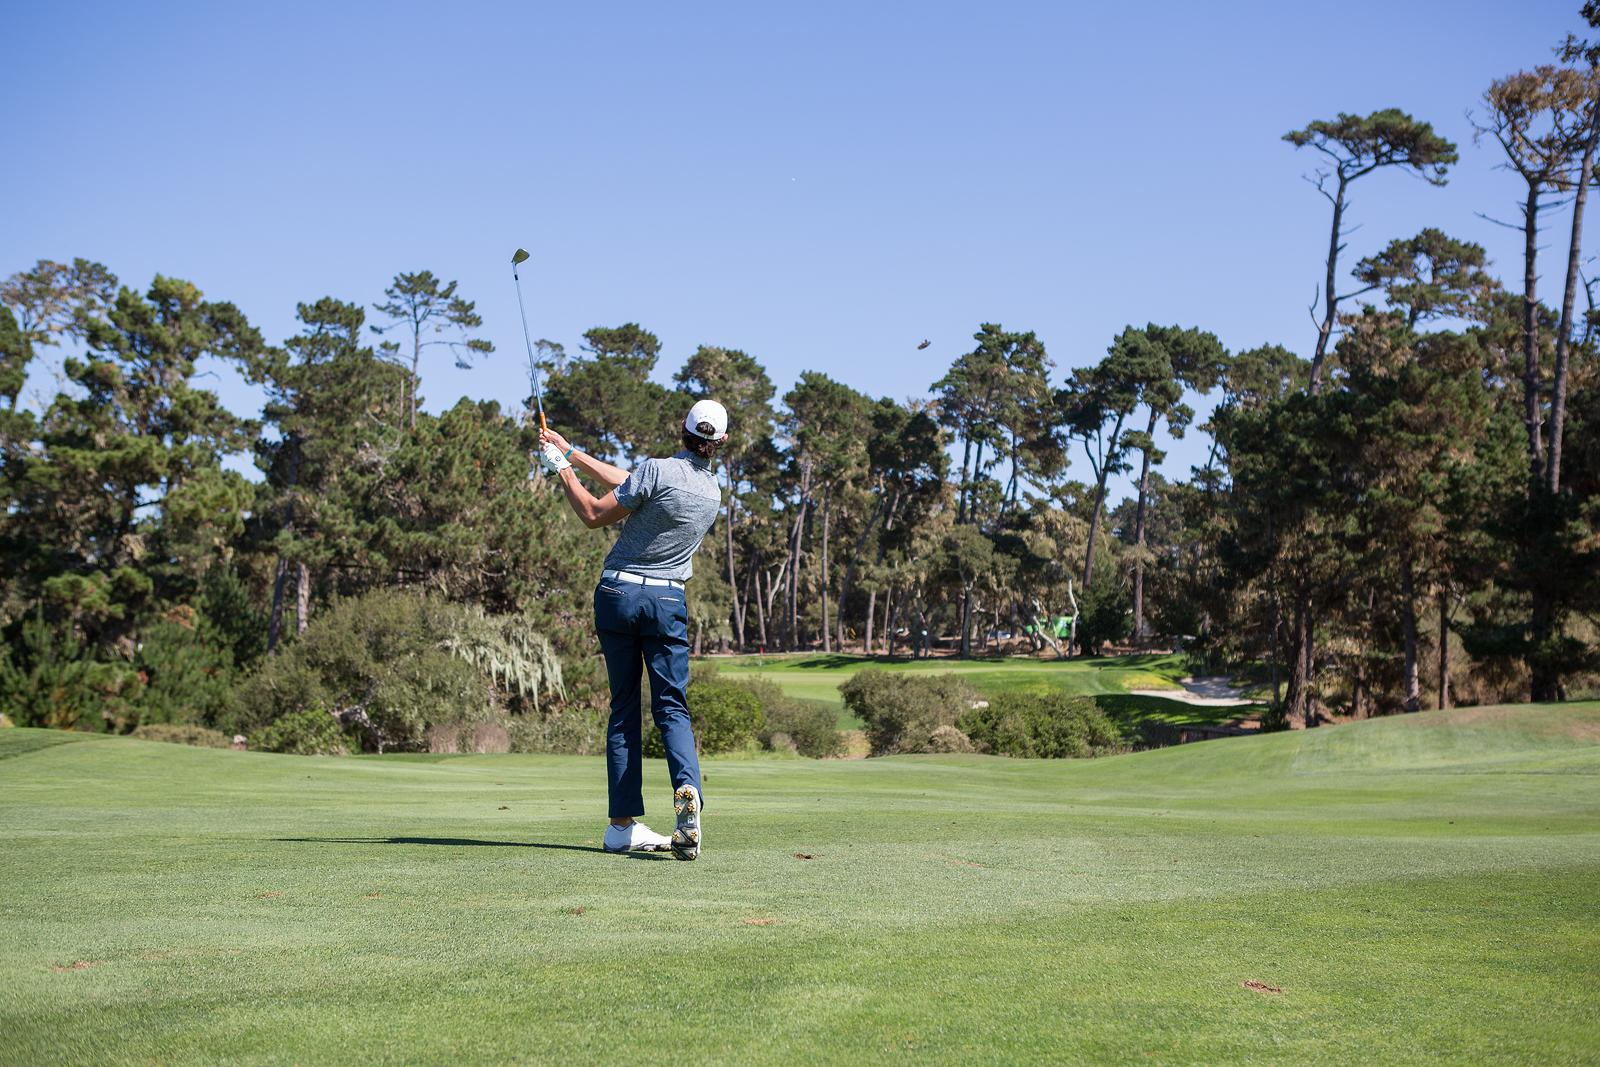 Tree lined golf hole